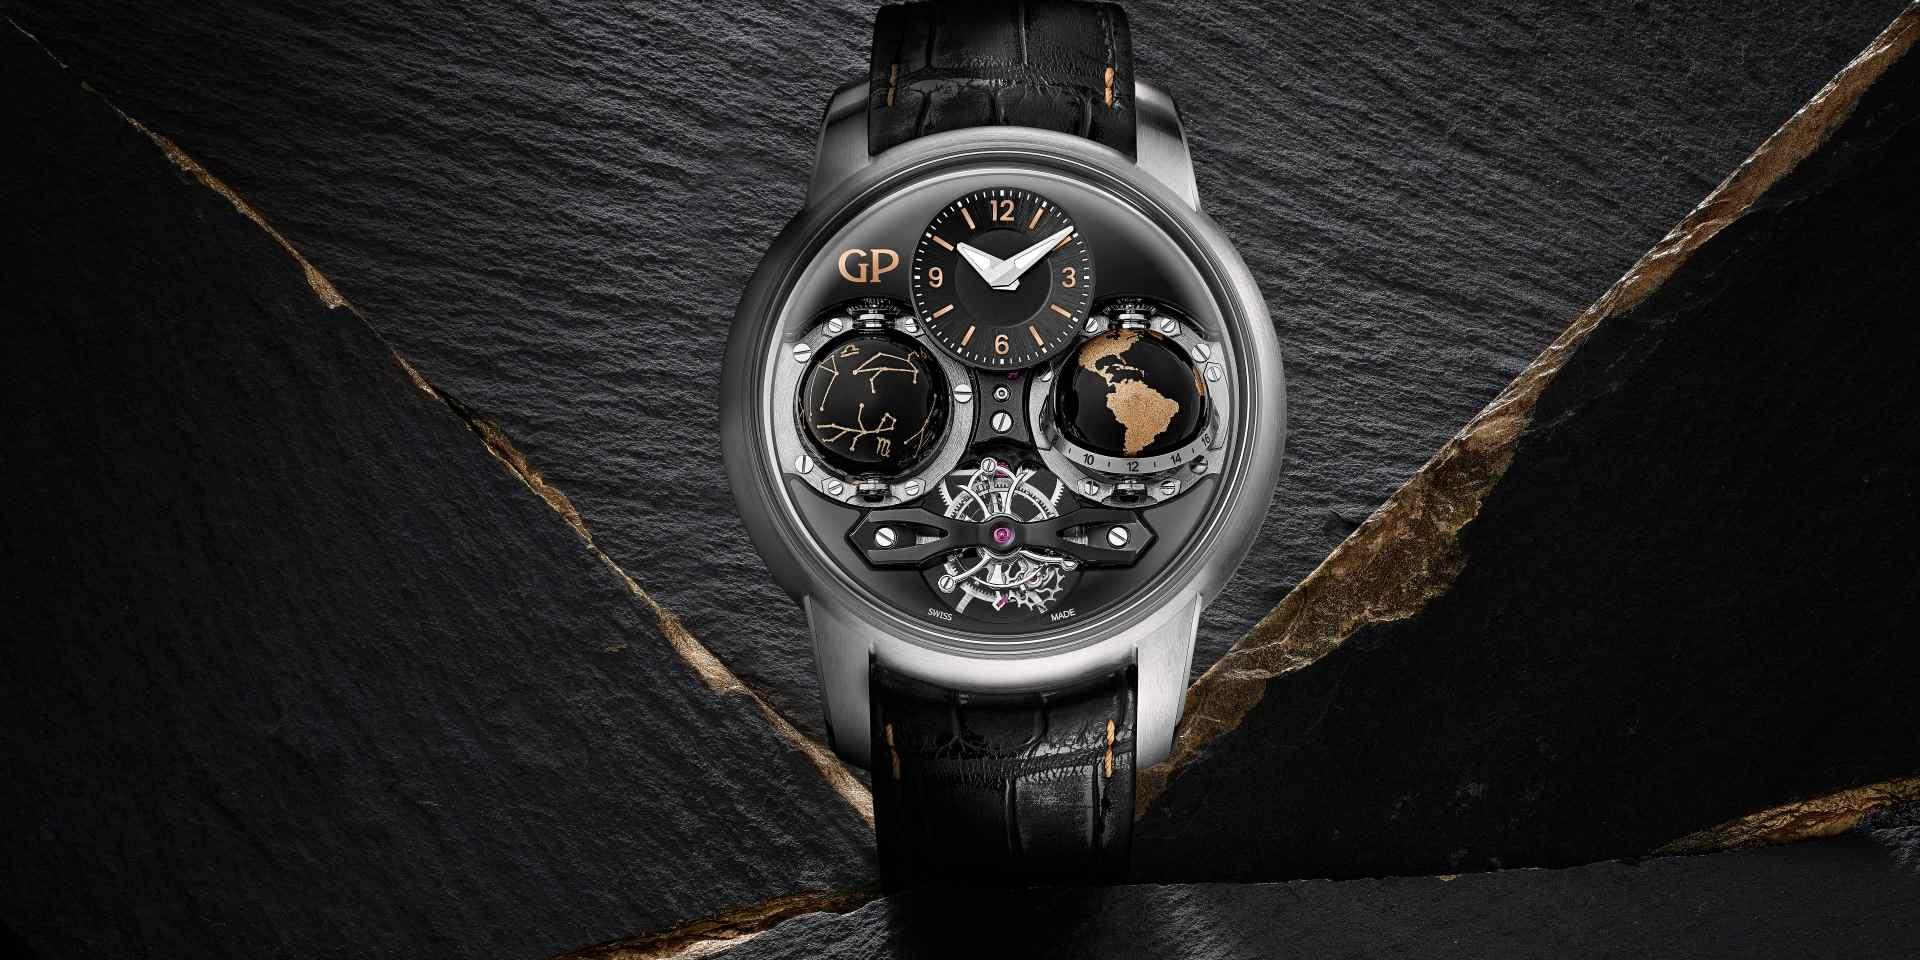 【2020線上錶展】芝柏表於日內瓦鐘錶日推出Cosmos Infinity、Free Bridge及Vintage 1945與1966 Infinity 腕錶等八款新作